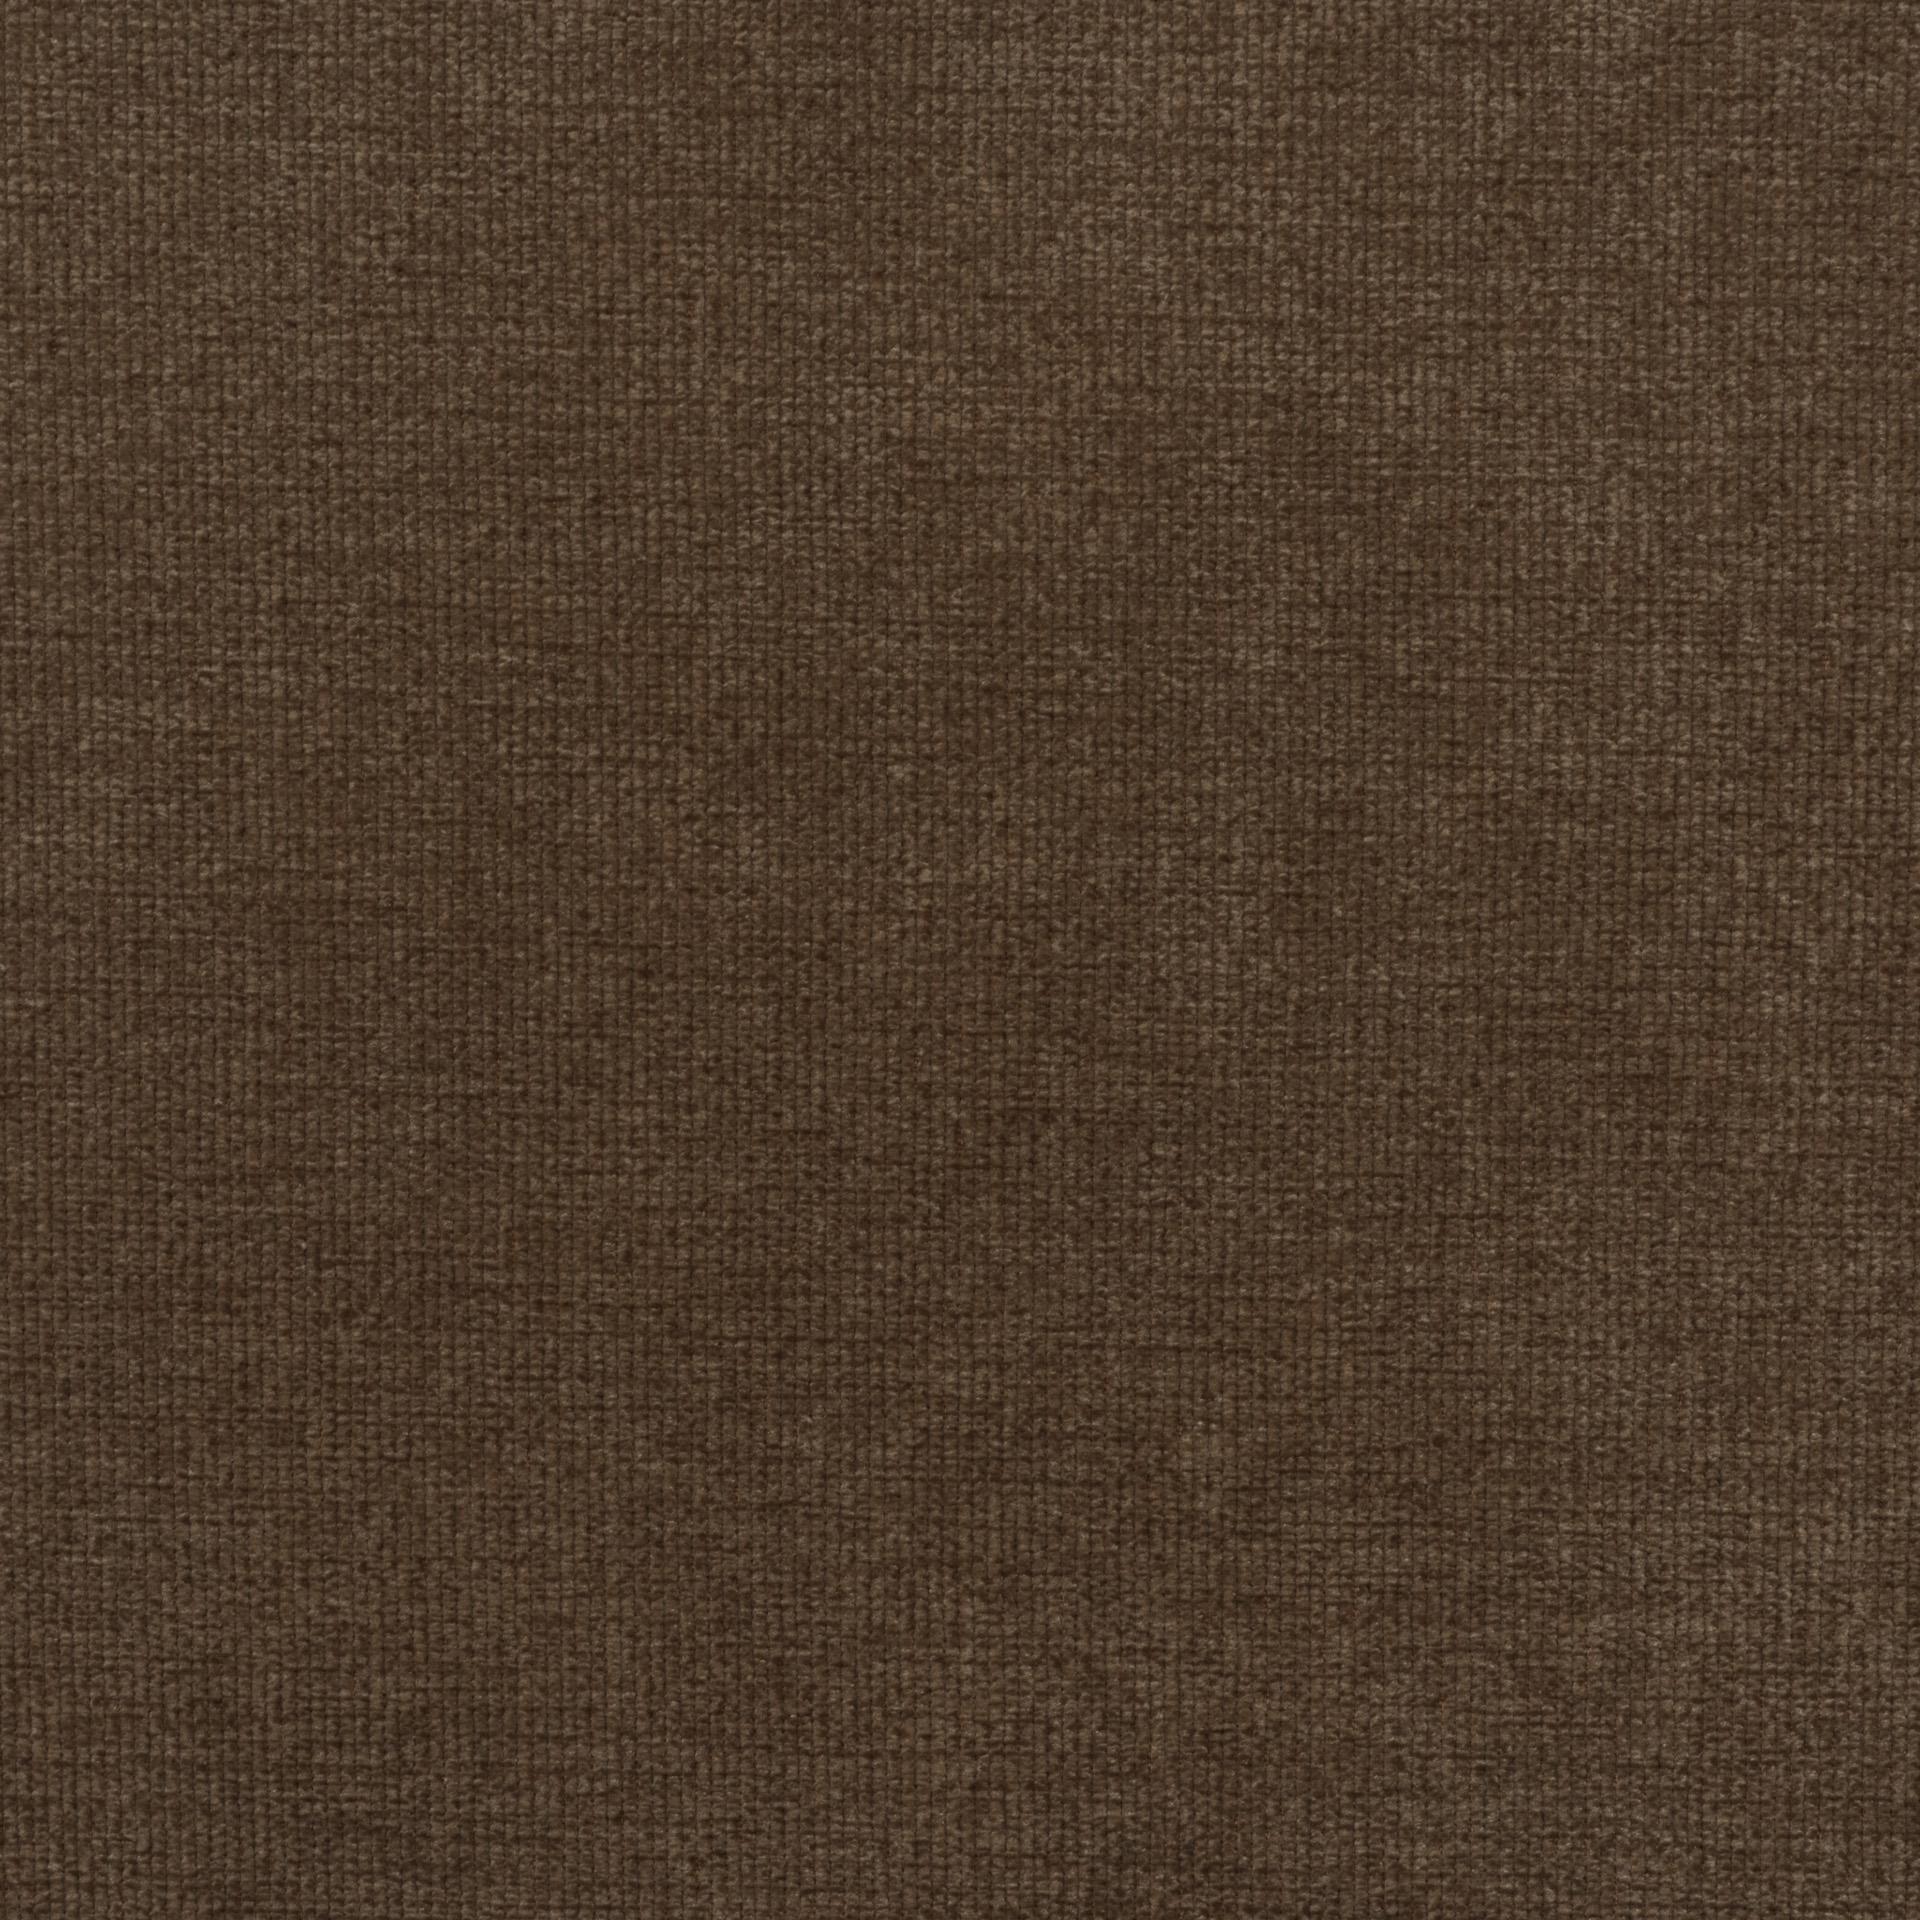 Коллекция ткани Кордрой 473,  купить ткань Велюр для мебели Украина